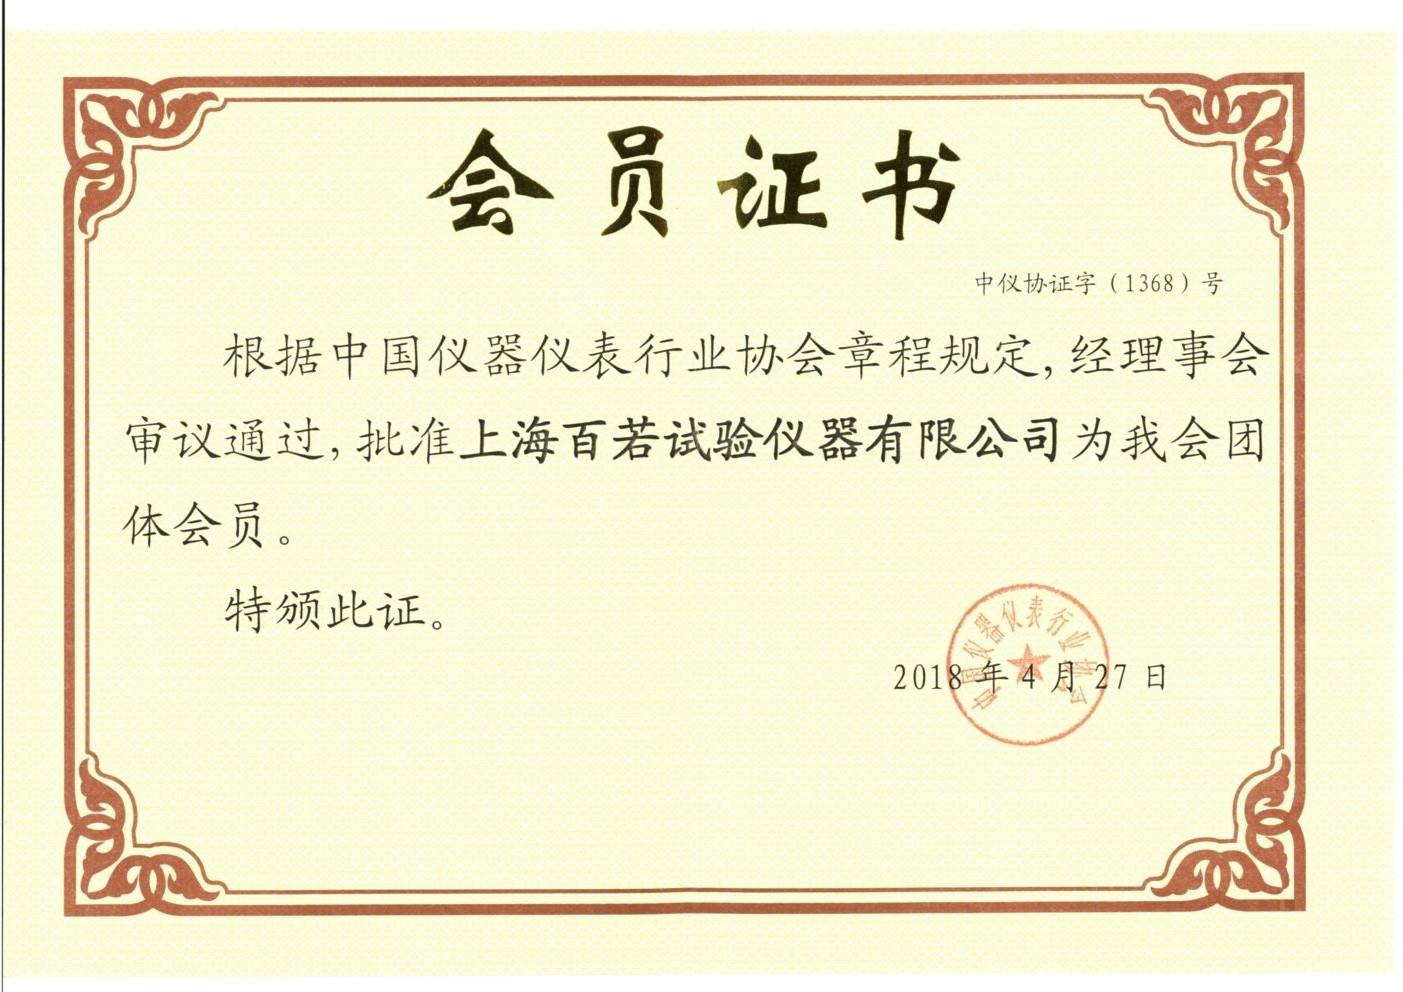 中國儀器儀表行業協會會員